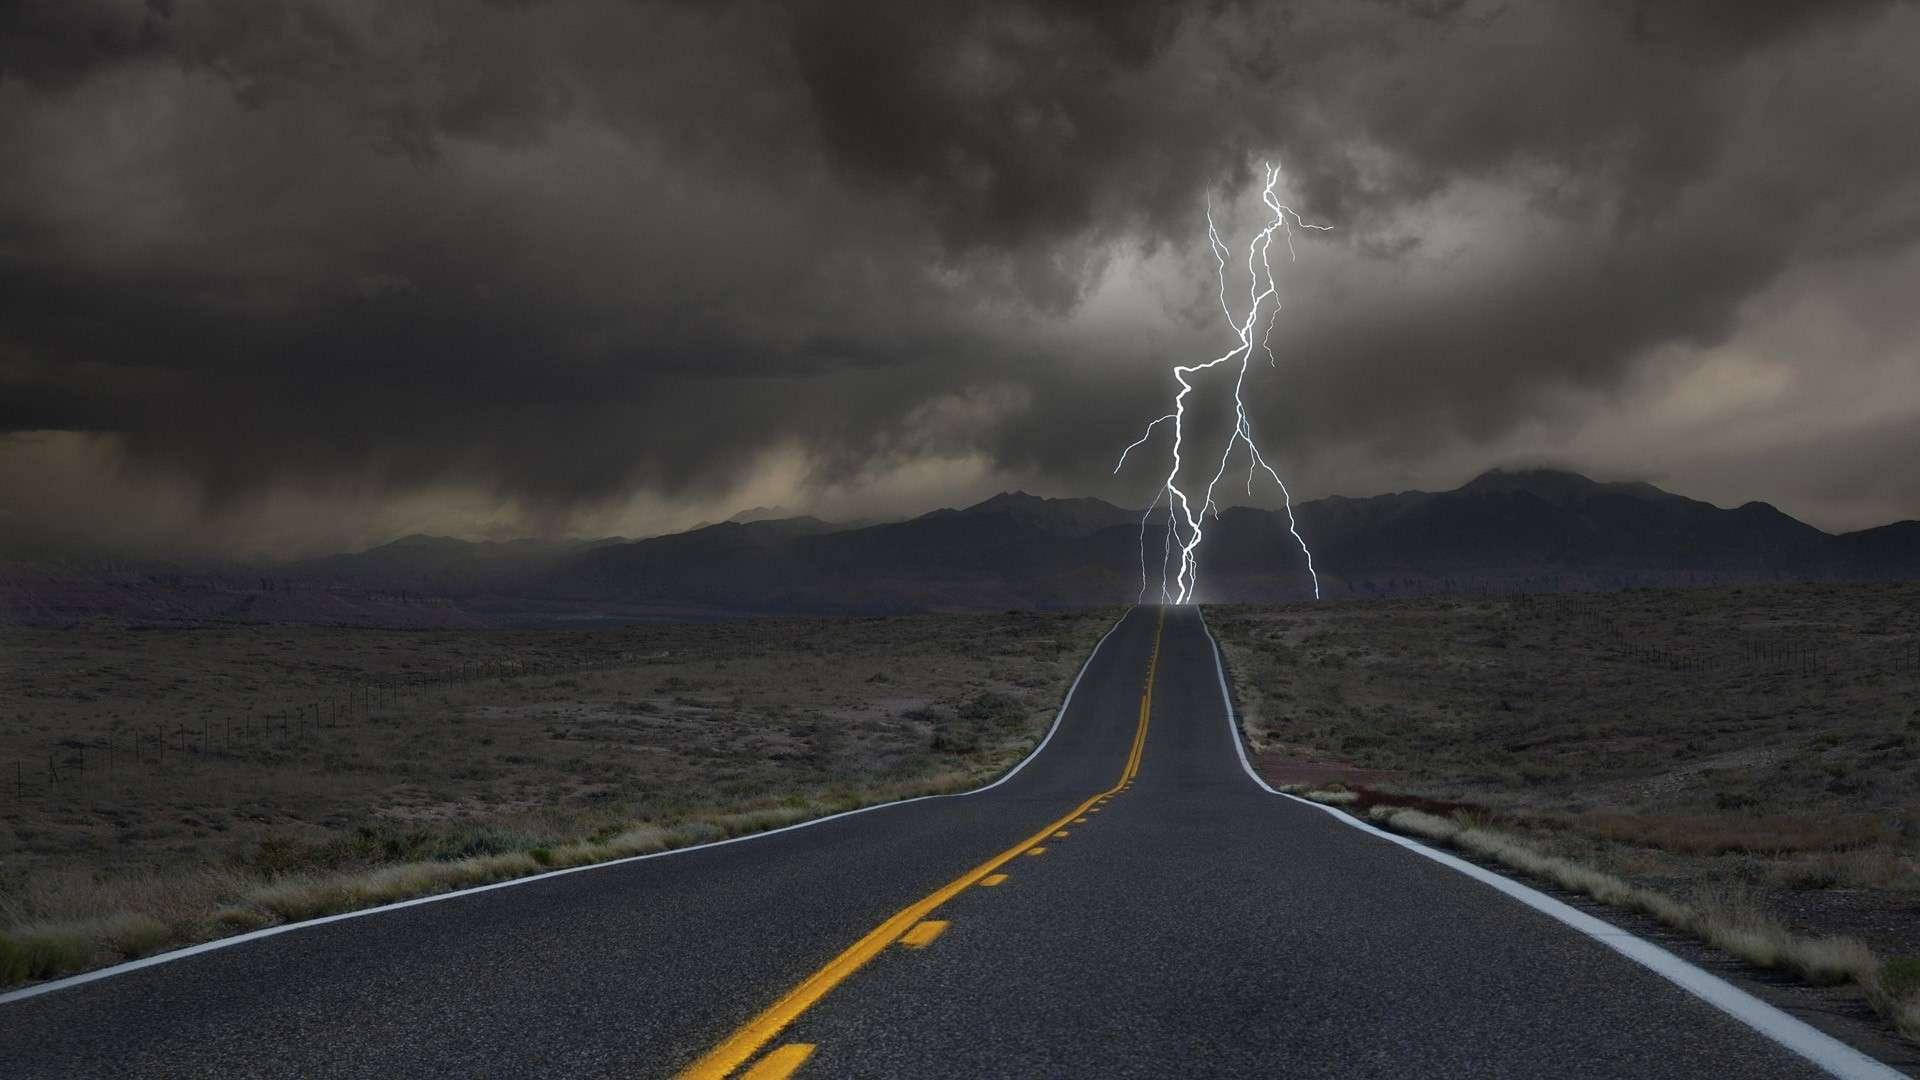 Foto Te Vecanta - Faqe 3 Storm-10